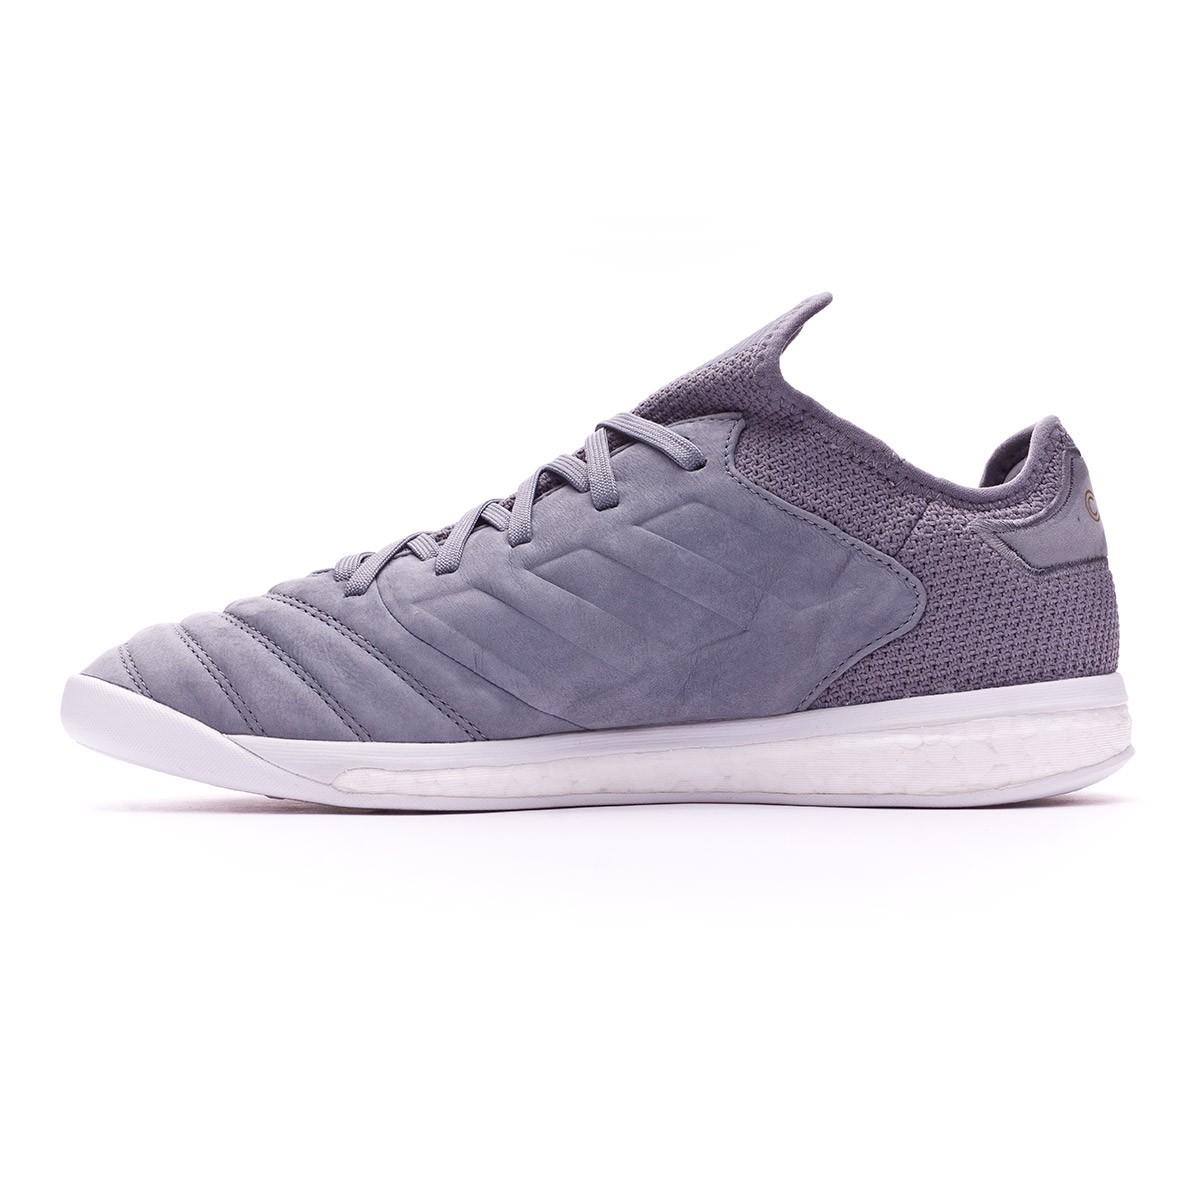 Tenis adidas Copa 18+ TR Premium Grey-Gold metallic - Soloporteros es ahora  Fútbol Emotion 8a989aec7f546